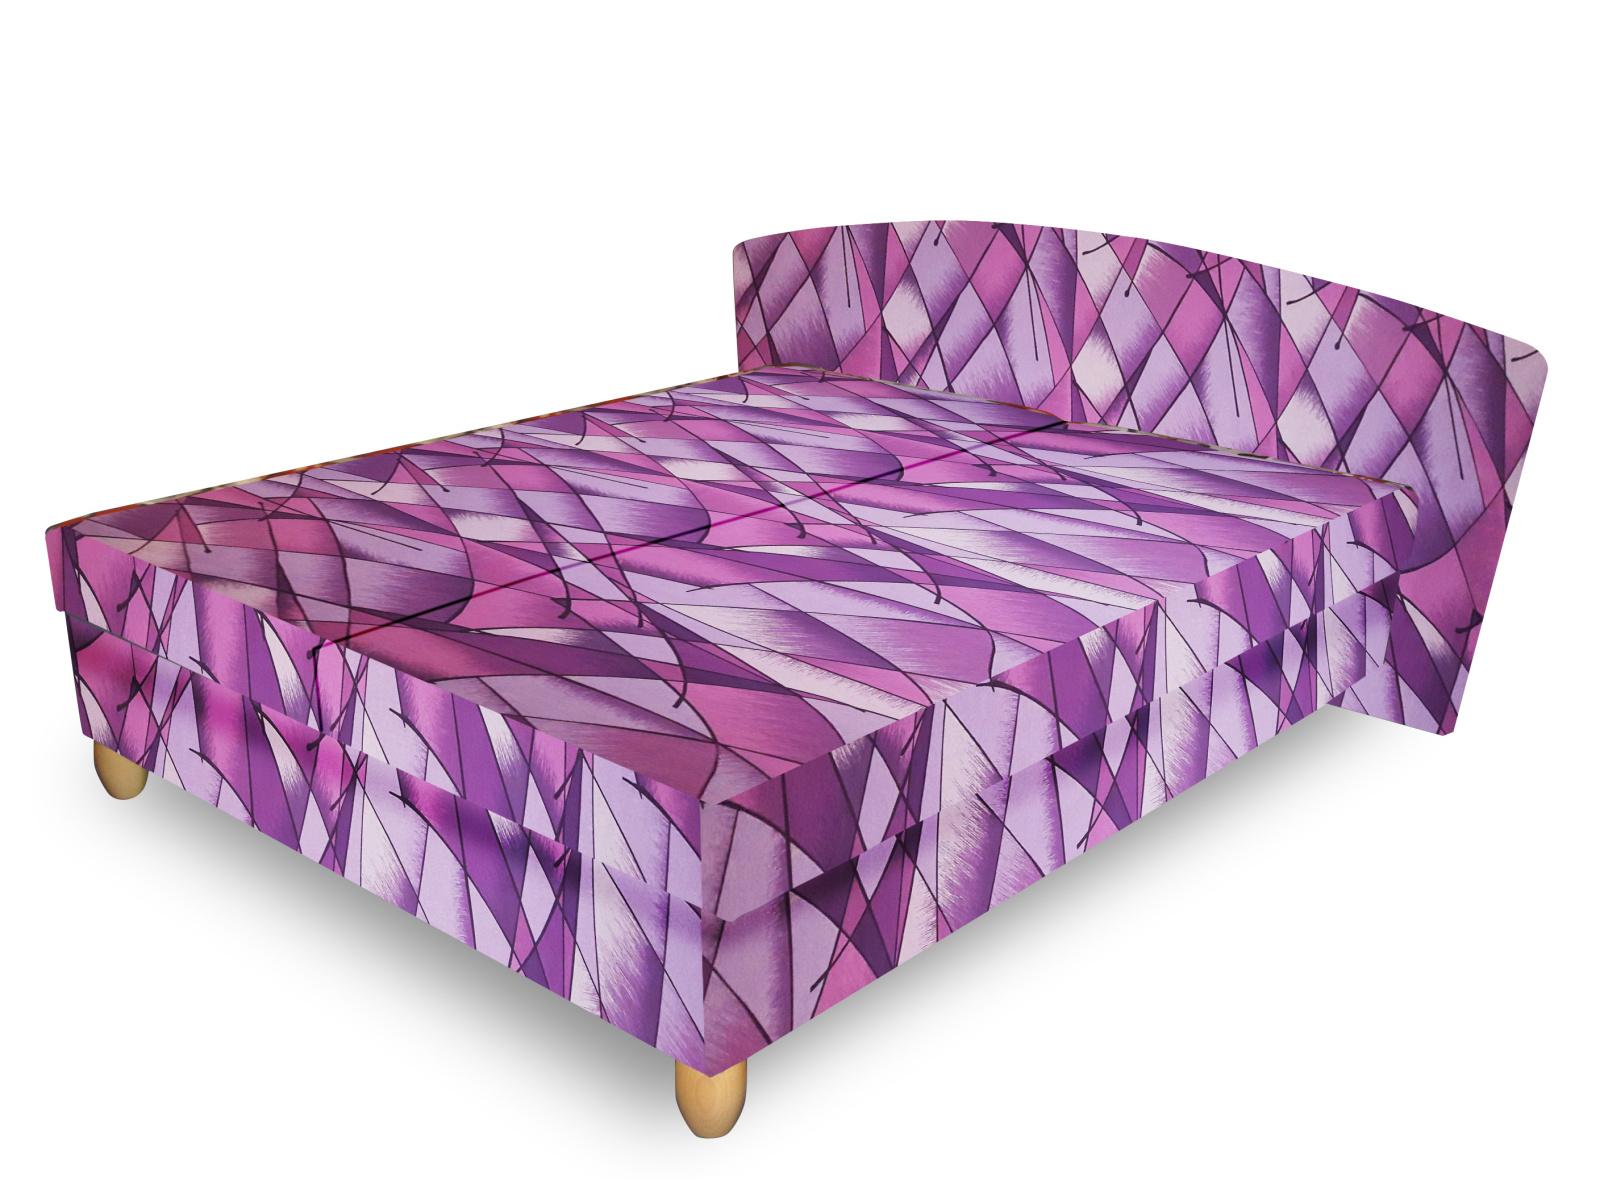 Smartshop Čalouněná postel NICOL 140x200 cm, fialová látka